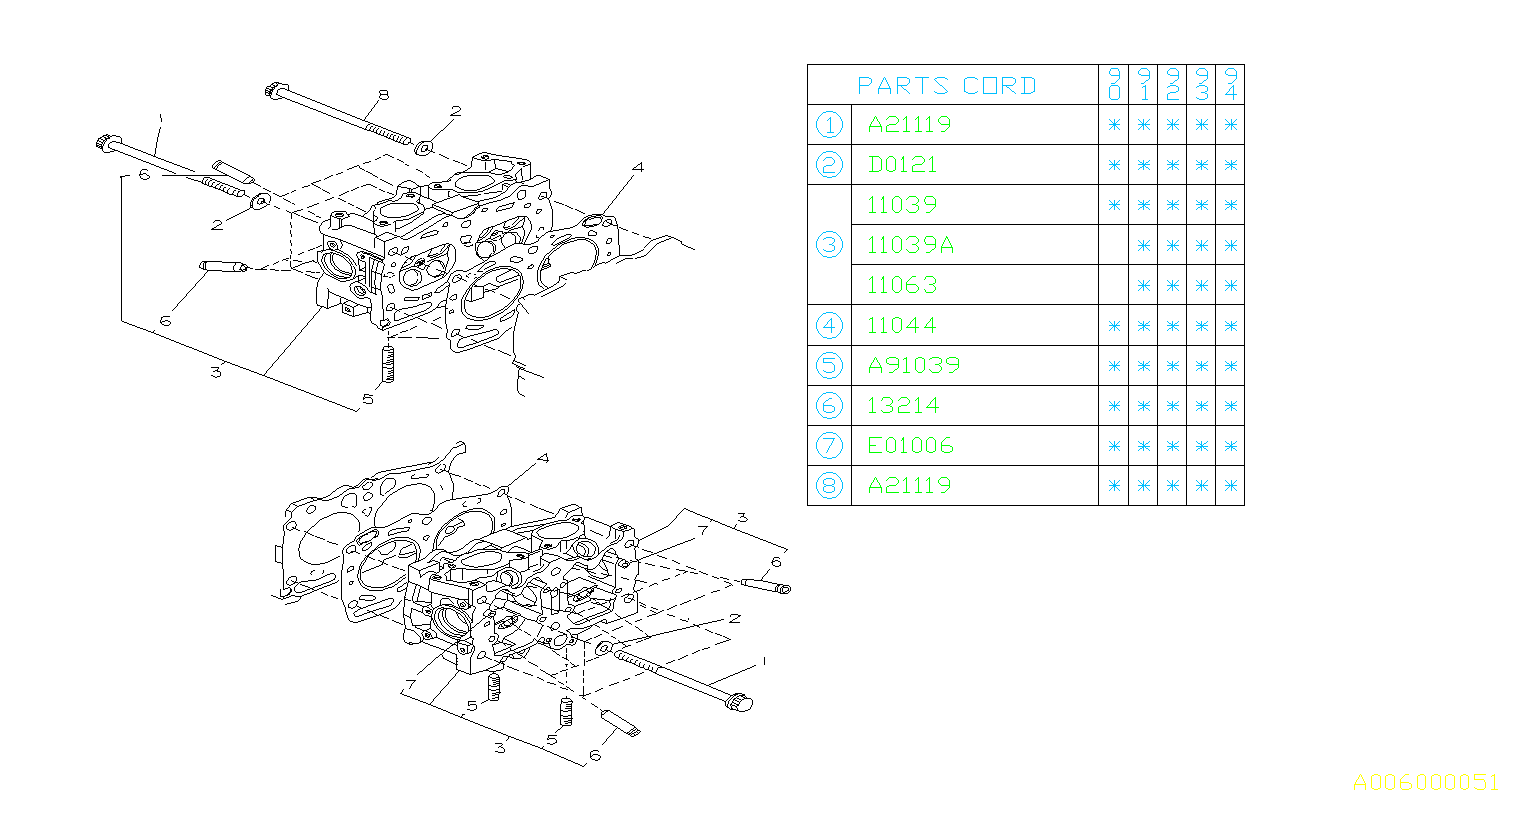 1994 Subaru Legacy Engine Cylinder Head Gasket -12. 13-29 ...